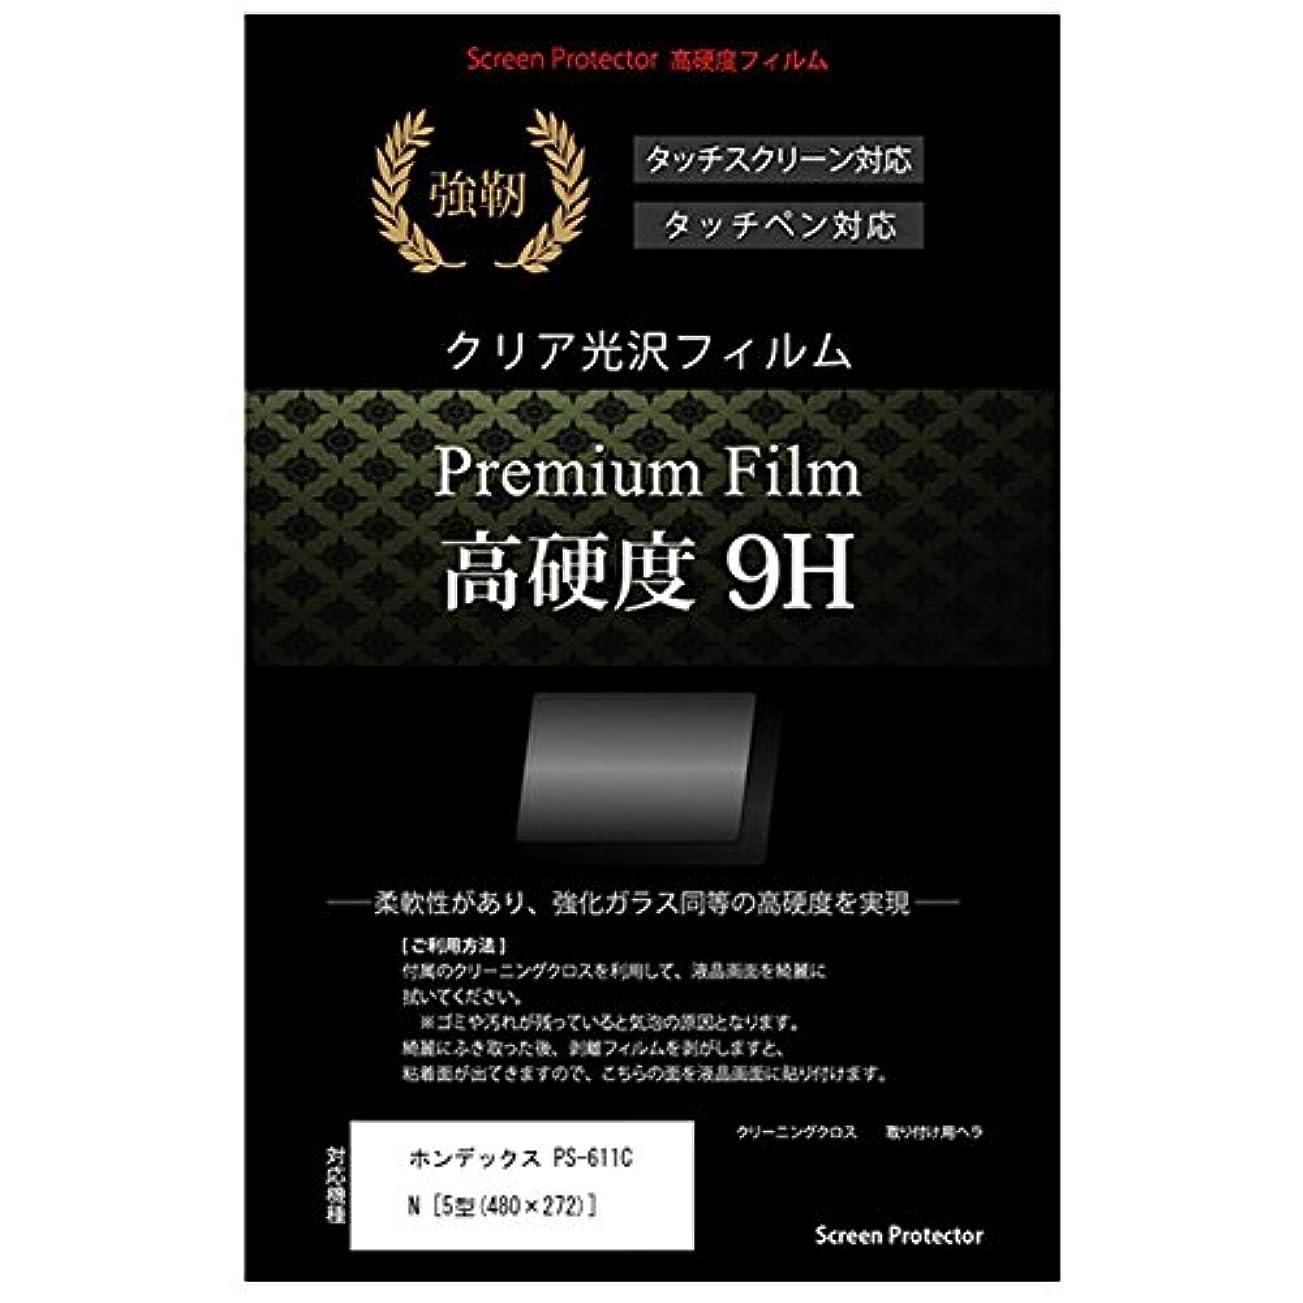 マイコン完璧なポルノメディアカバーマーケット ホンデックス PS-611CN [5型 (272×480)]機種で使える【強化ガラスと同等の高硬度 9Hフィルム】 傷に強い 高透過率 クリア光沢